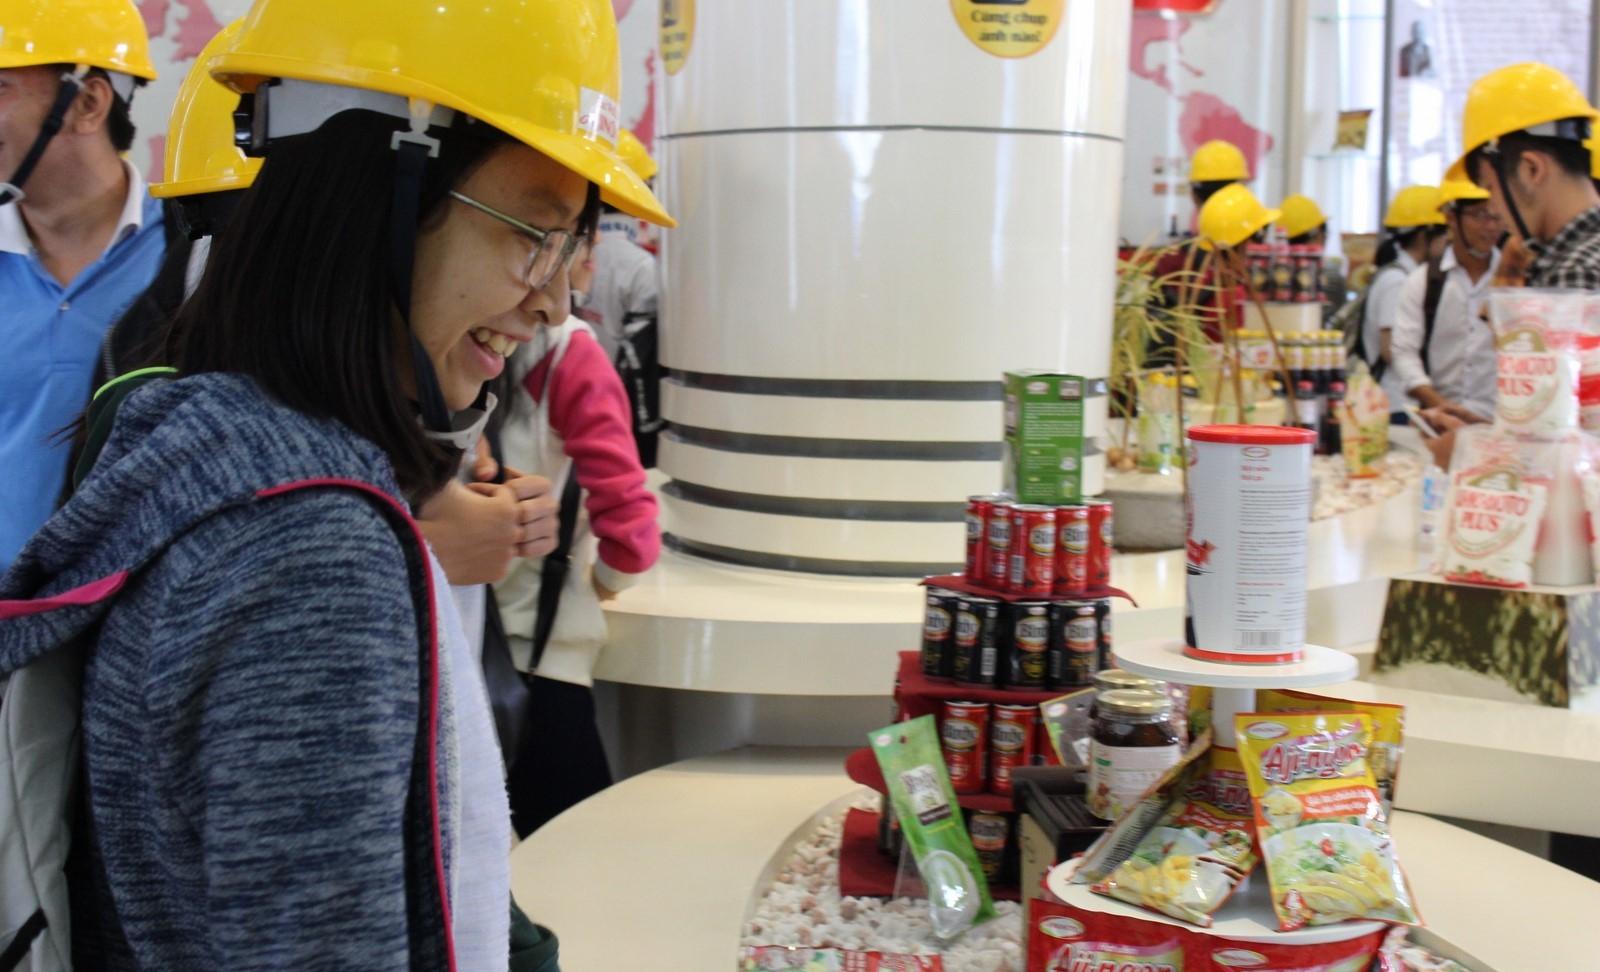 Sinh viên thích thú với giàn trưng bày các sản phẩm của công ty